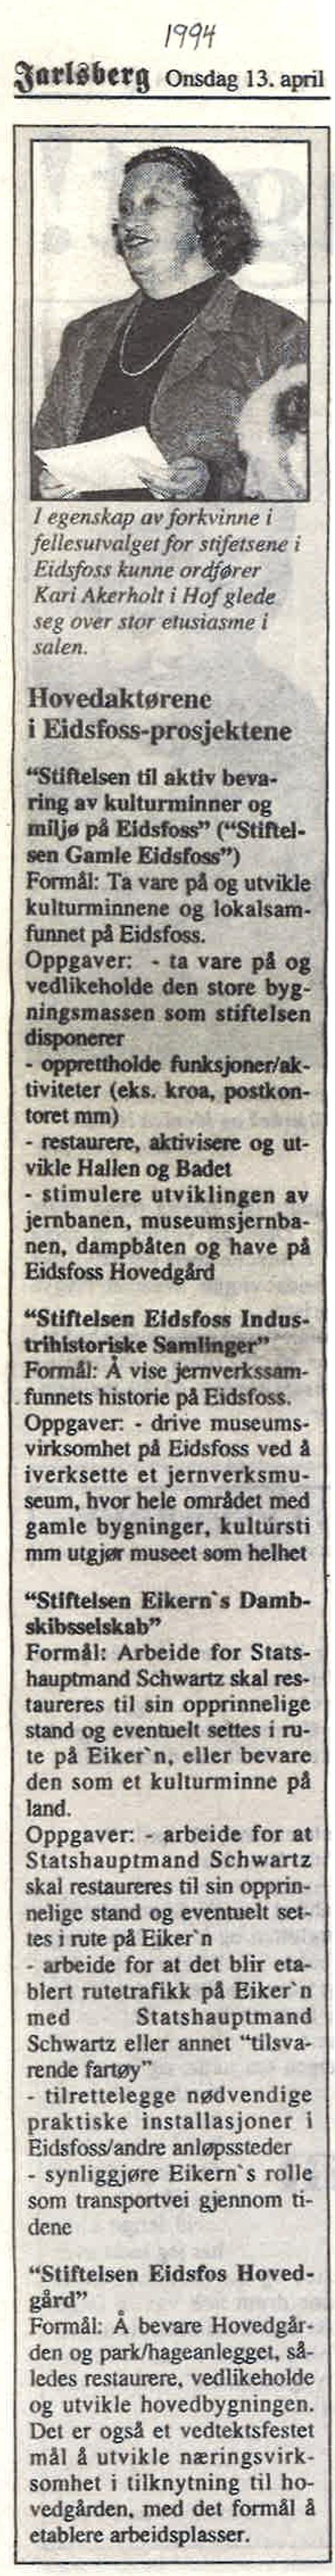 Jarlsberg Avis 13. april 1994